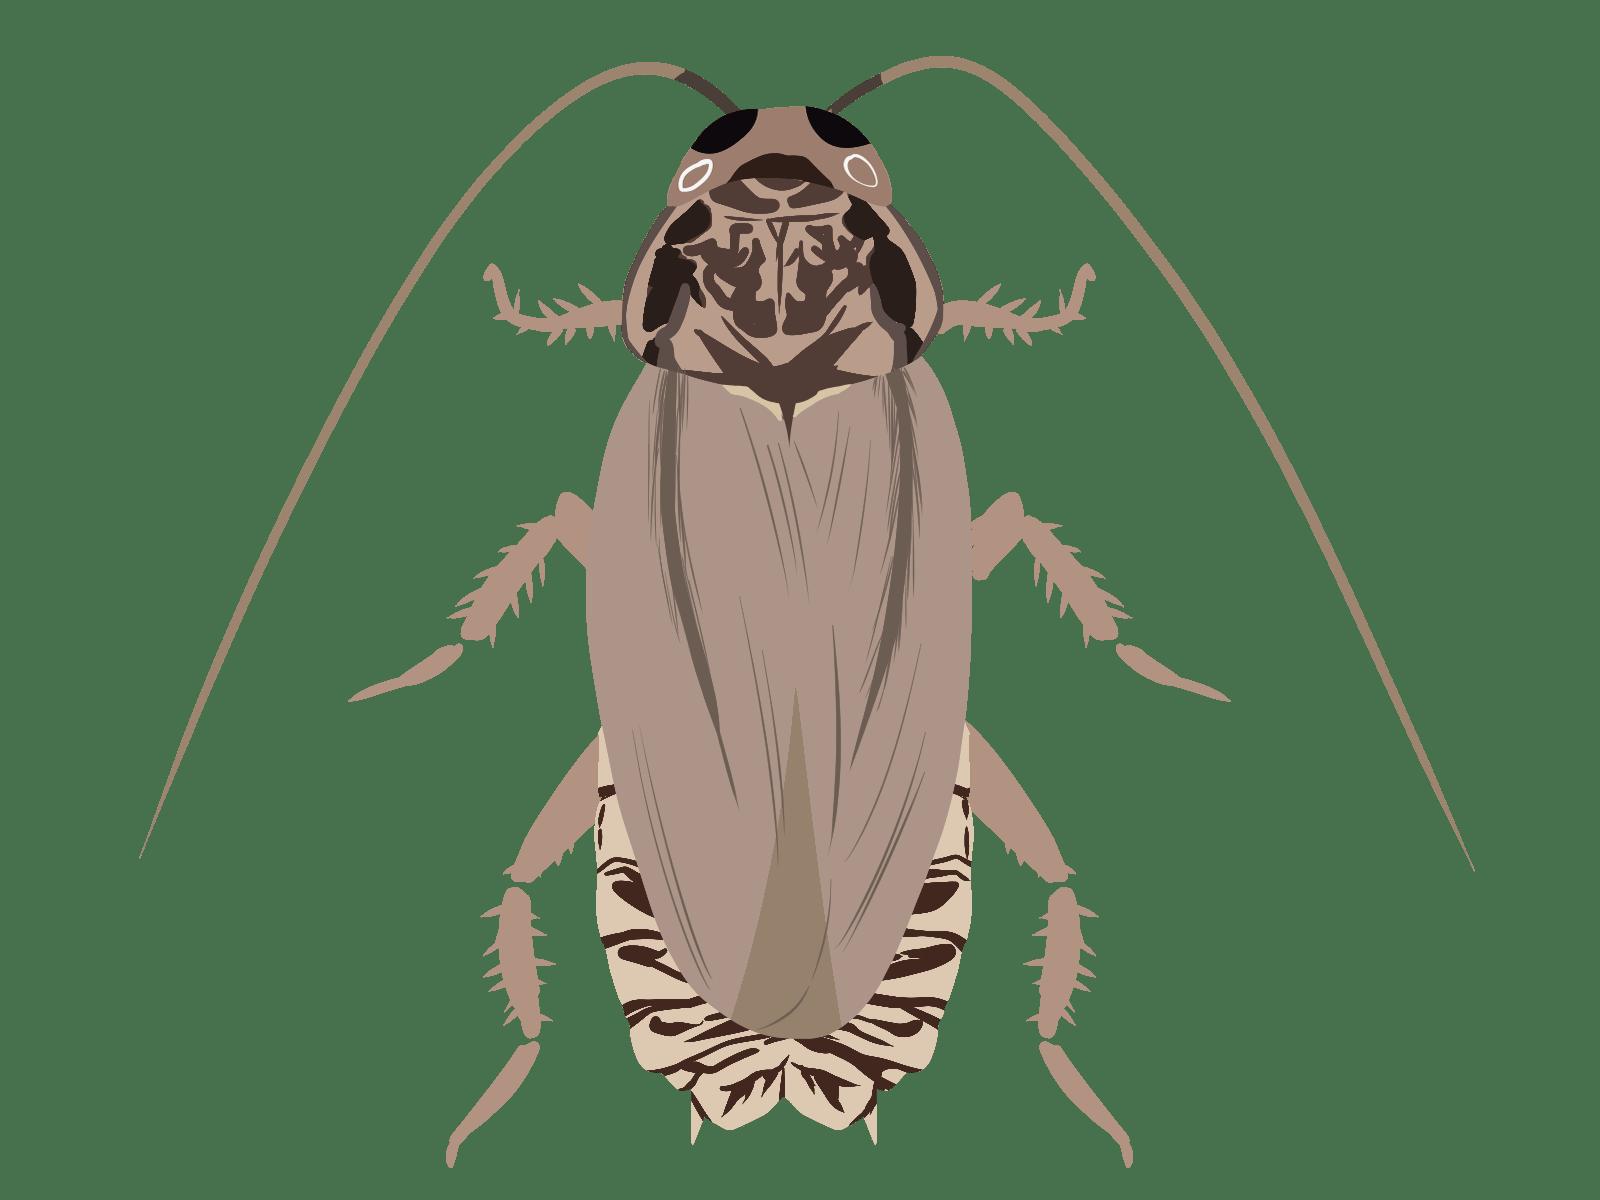 ハイイロゴキブリのイラスト